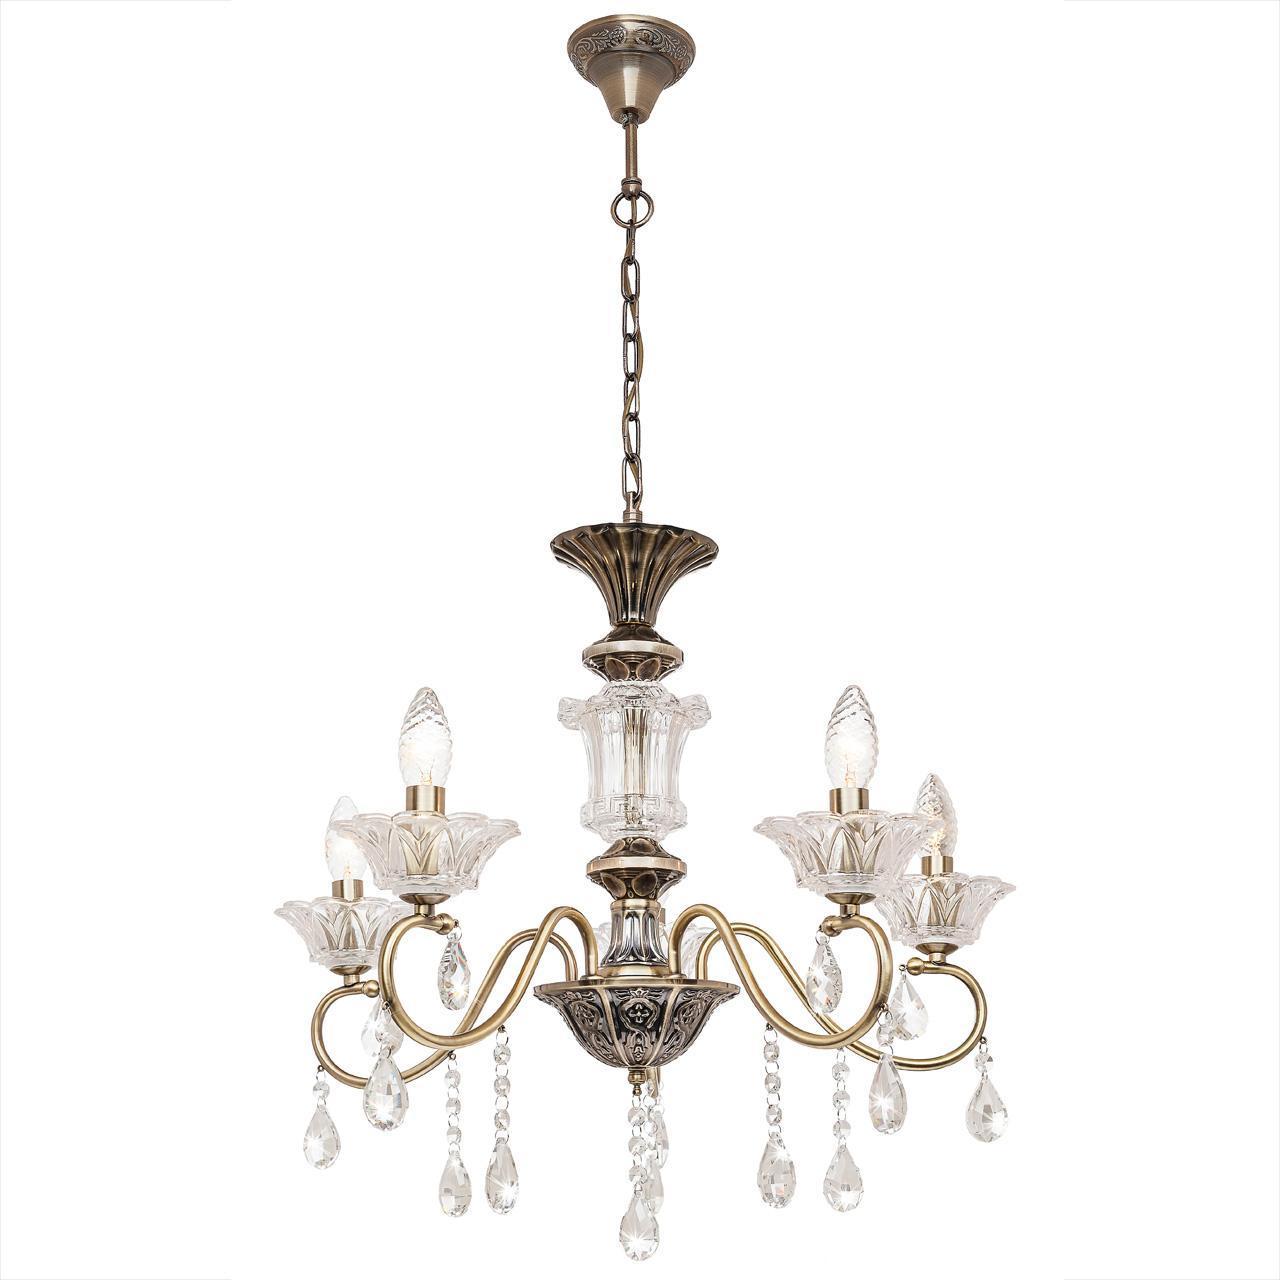 цена Люстра Silver Light Bernardet 518.53.5 подвесная в интернет-магазинах